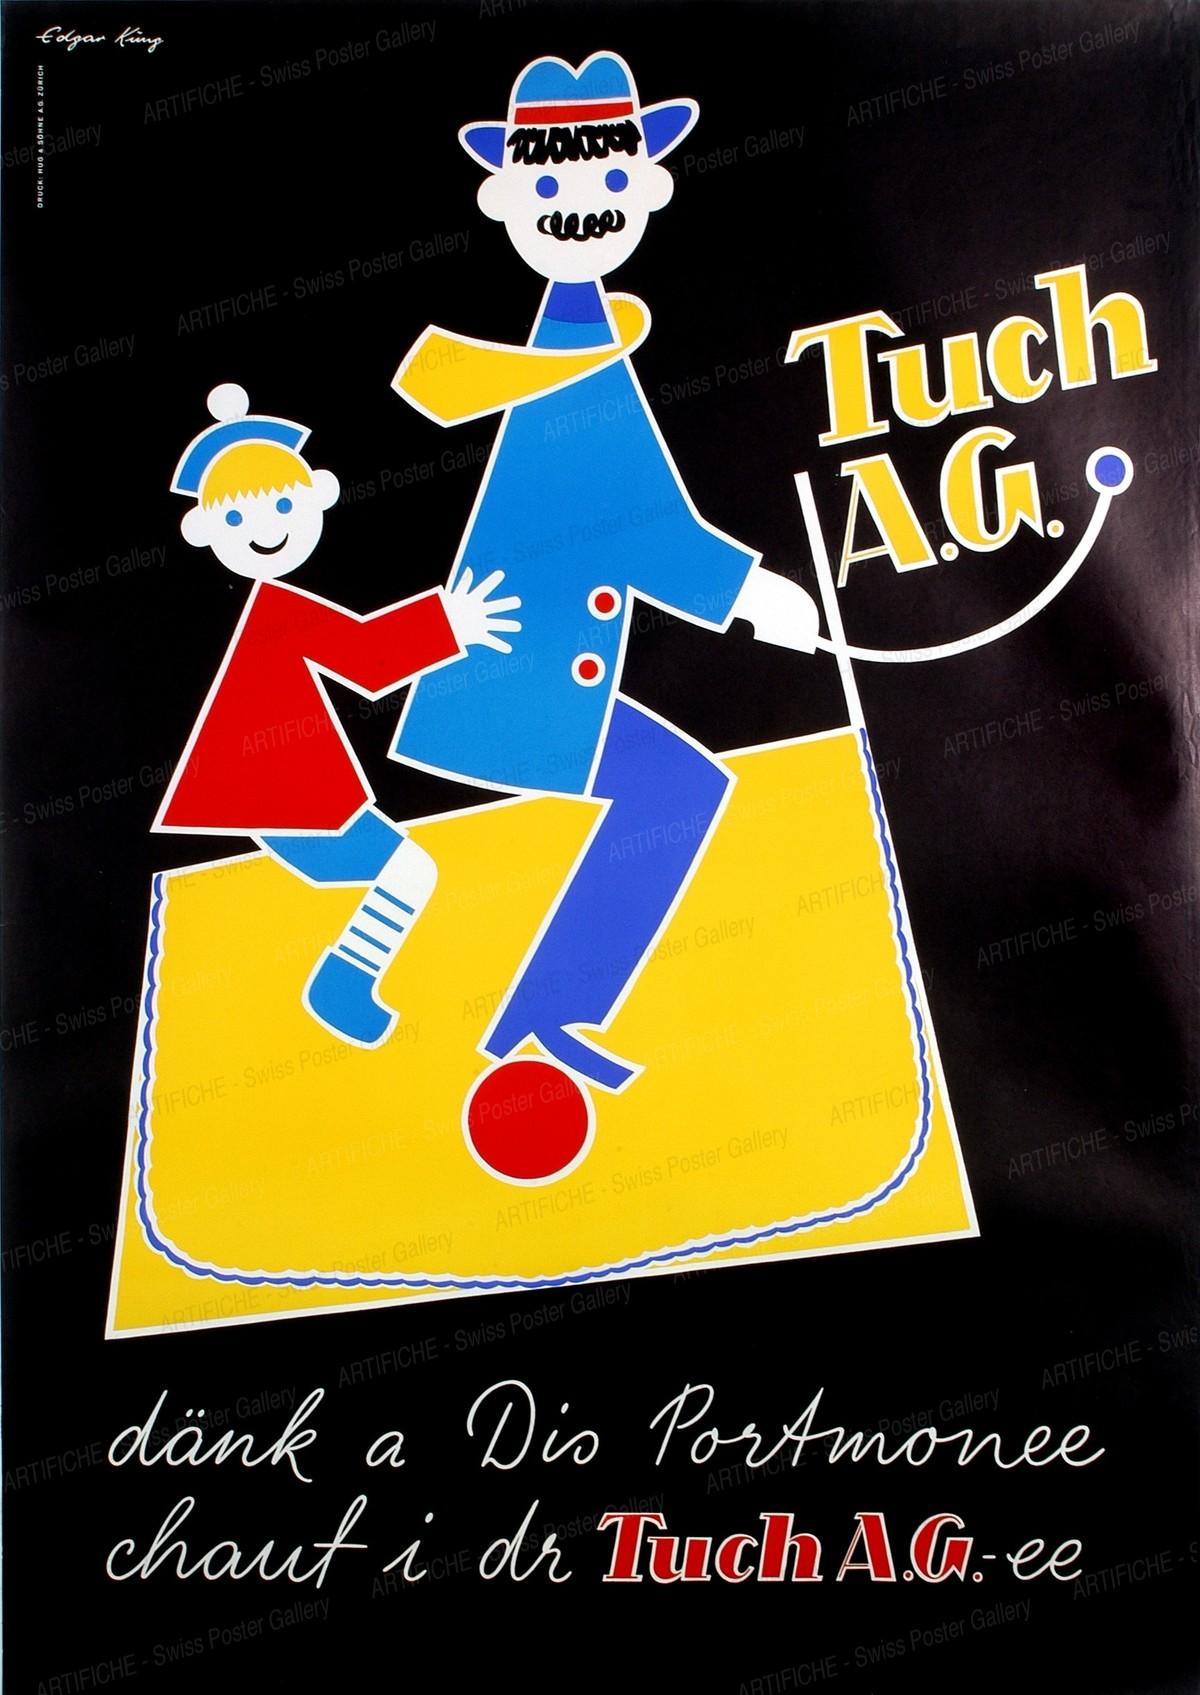 Tuch AG – dänk a Dis Portmonee – chauf i dr Tuch AGee, Edgar Küng